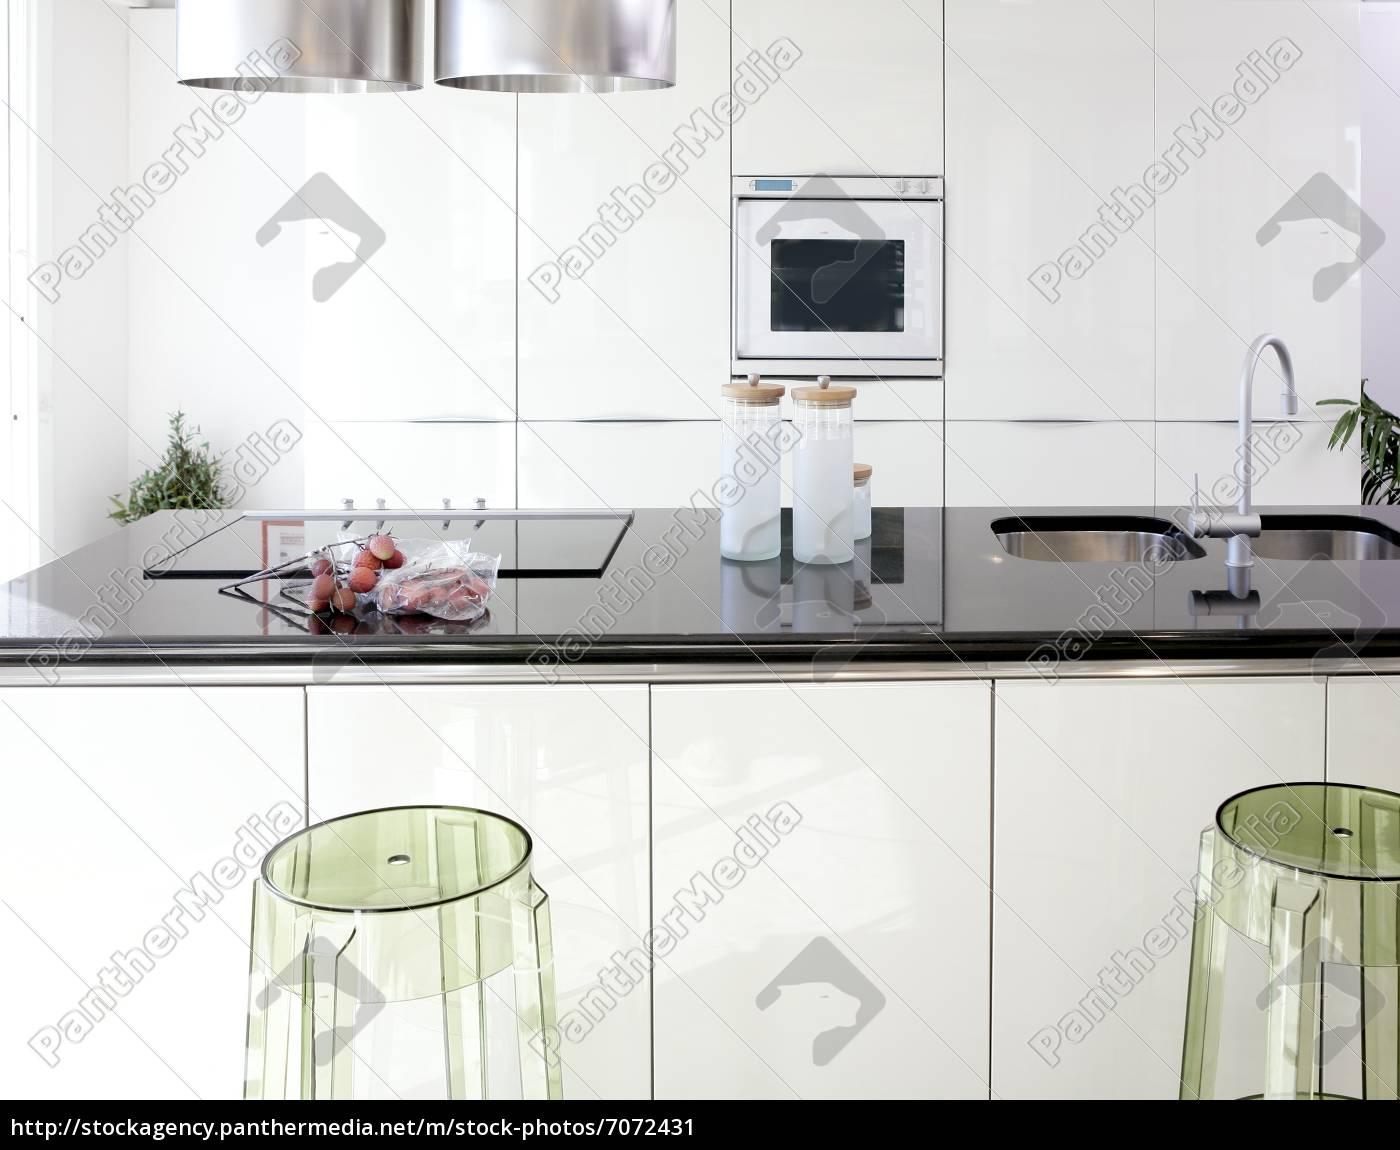 Stockfoto 7072431   Moderne Weiße Küche Saubere Innenarchitektur